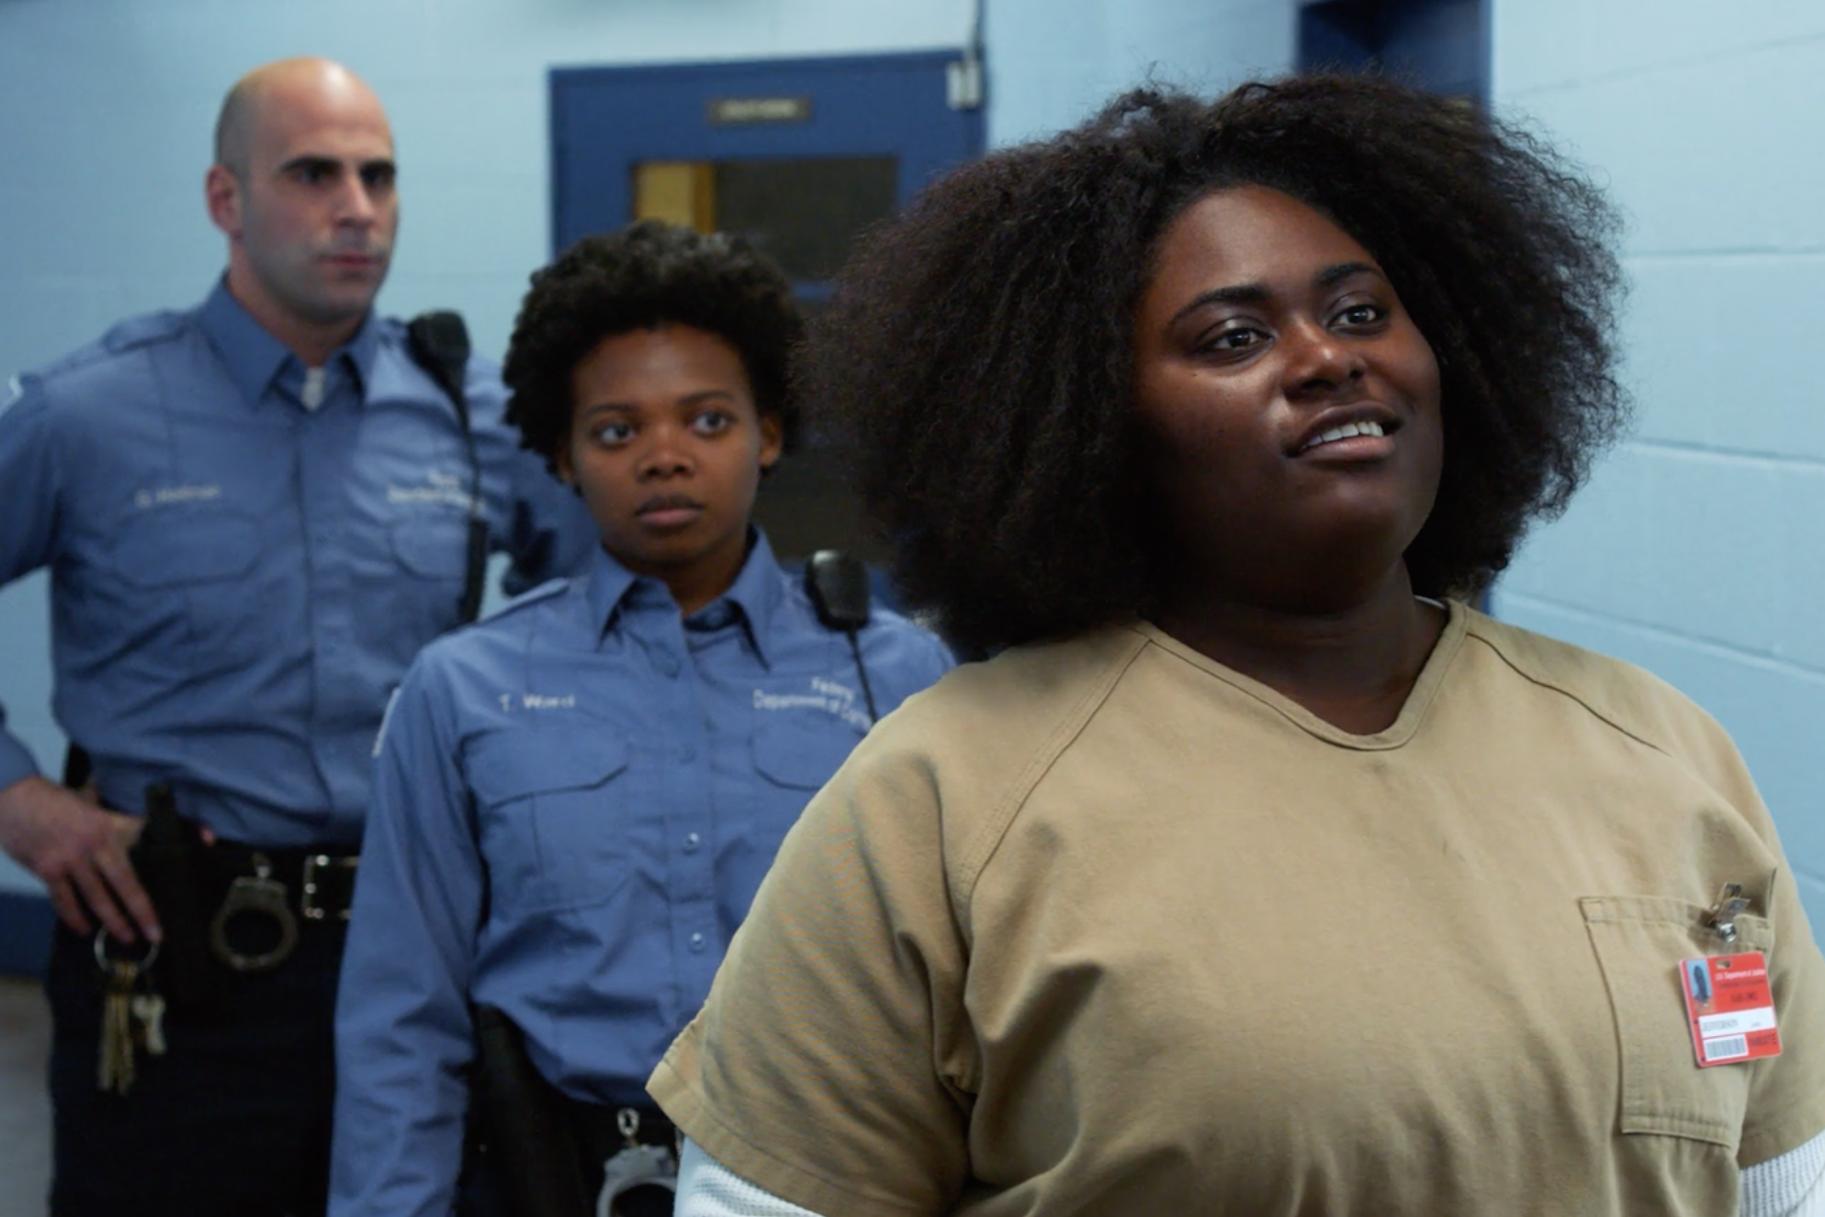 ראית את המהומה על 'כתום זה השחור החדש'. הנה מה שקרה לחמישה אסירים מהחיים האמיתיים המקושרים לפרעות בכלא